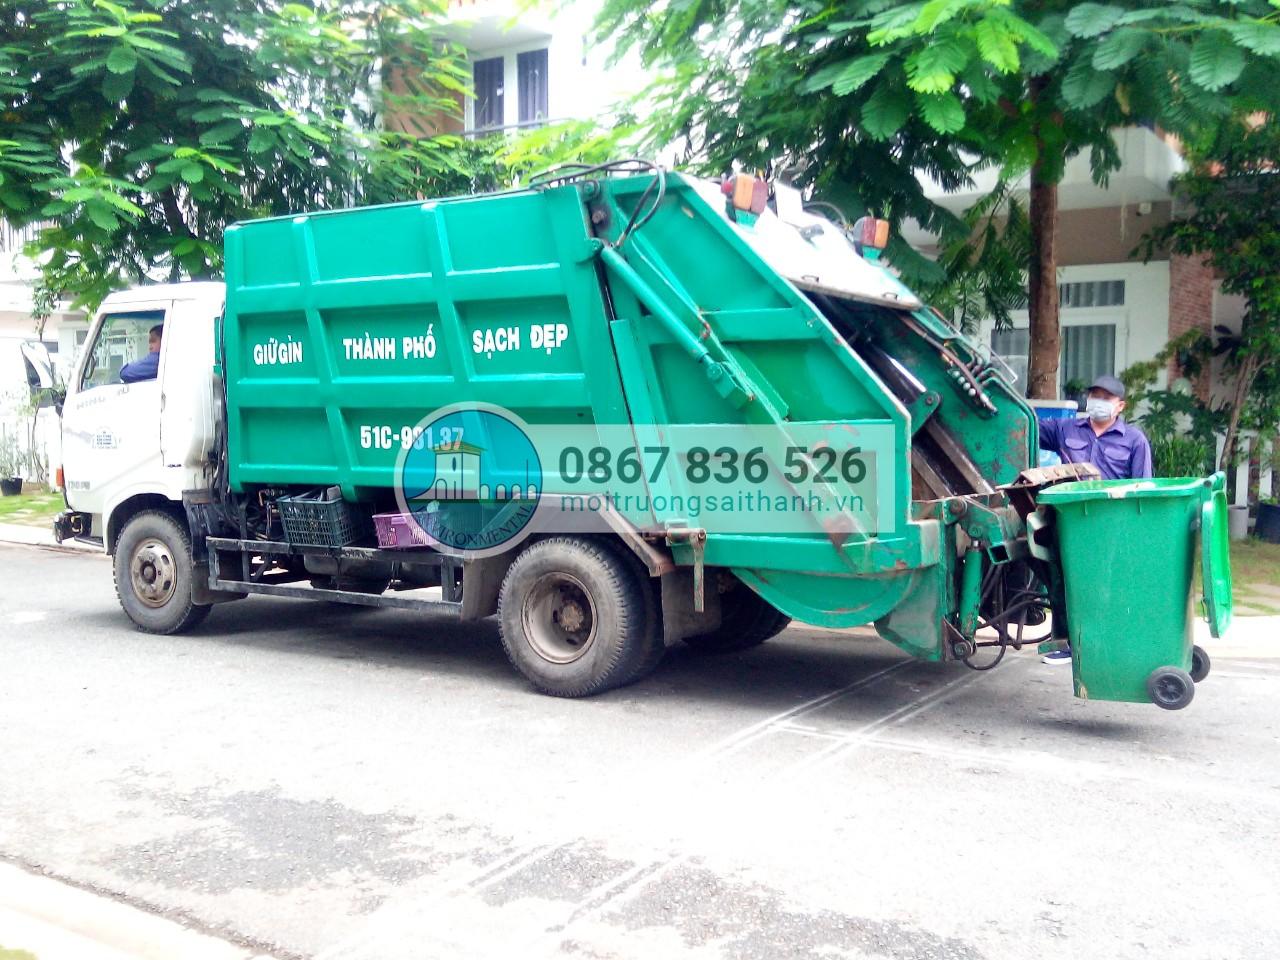 Thu gom rác sinh hoạt